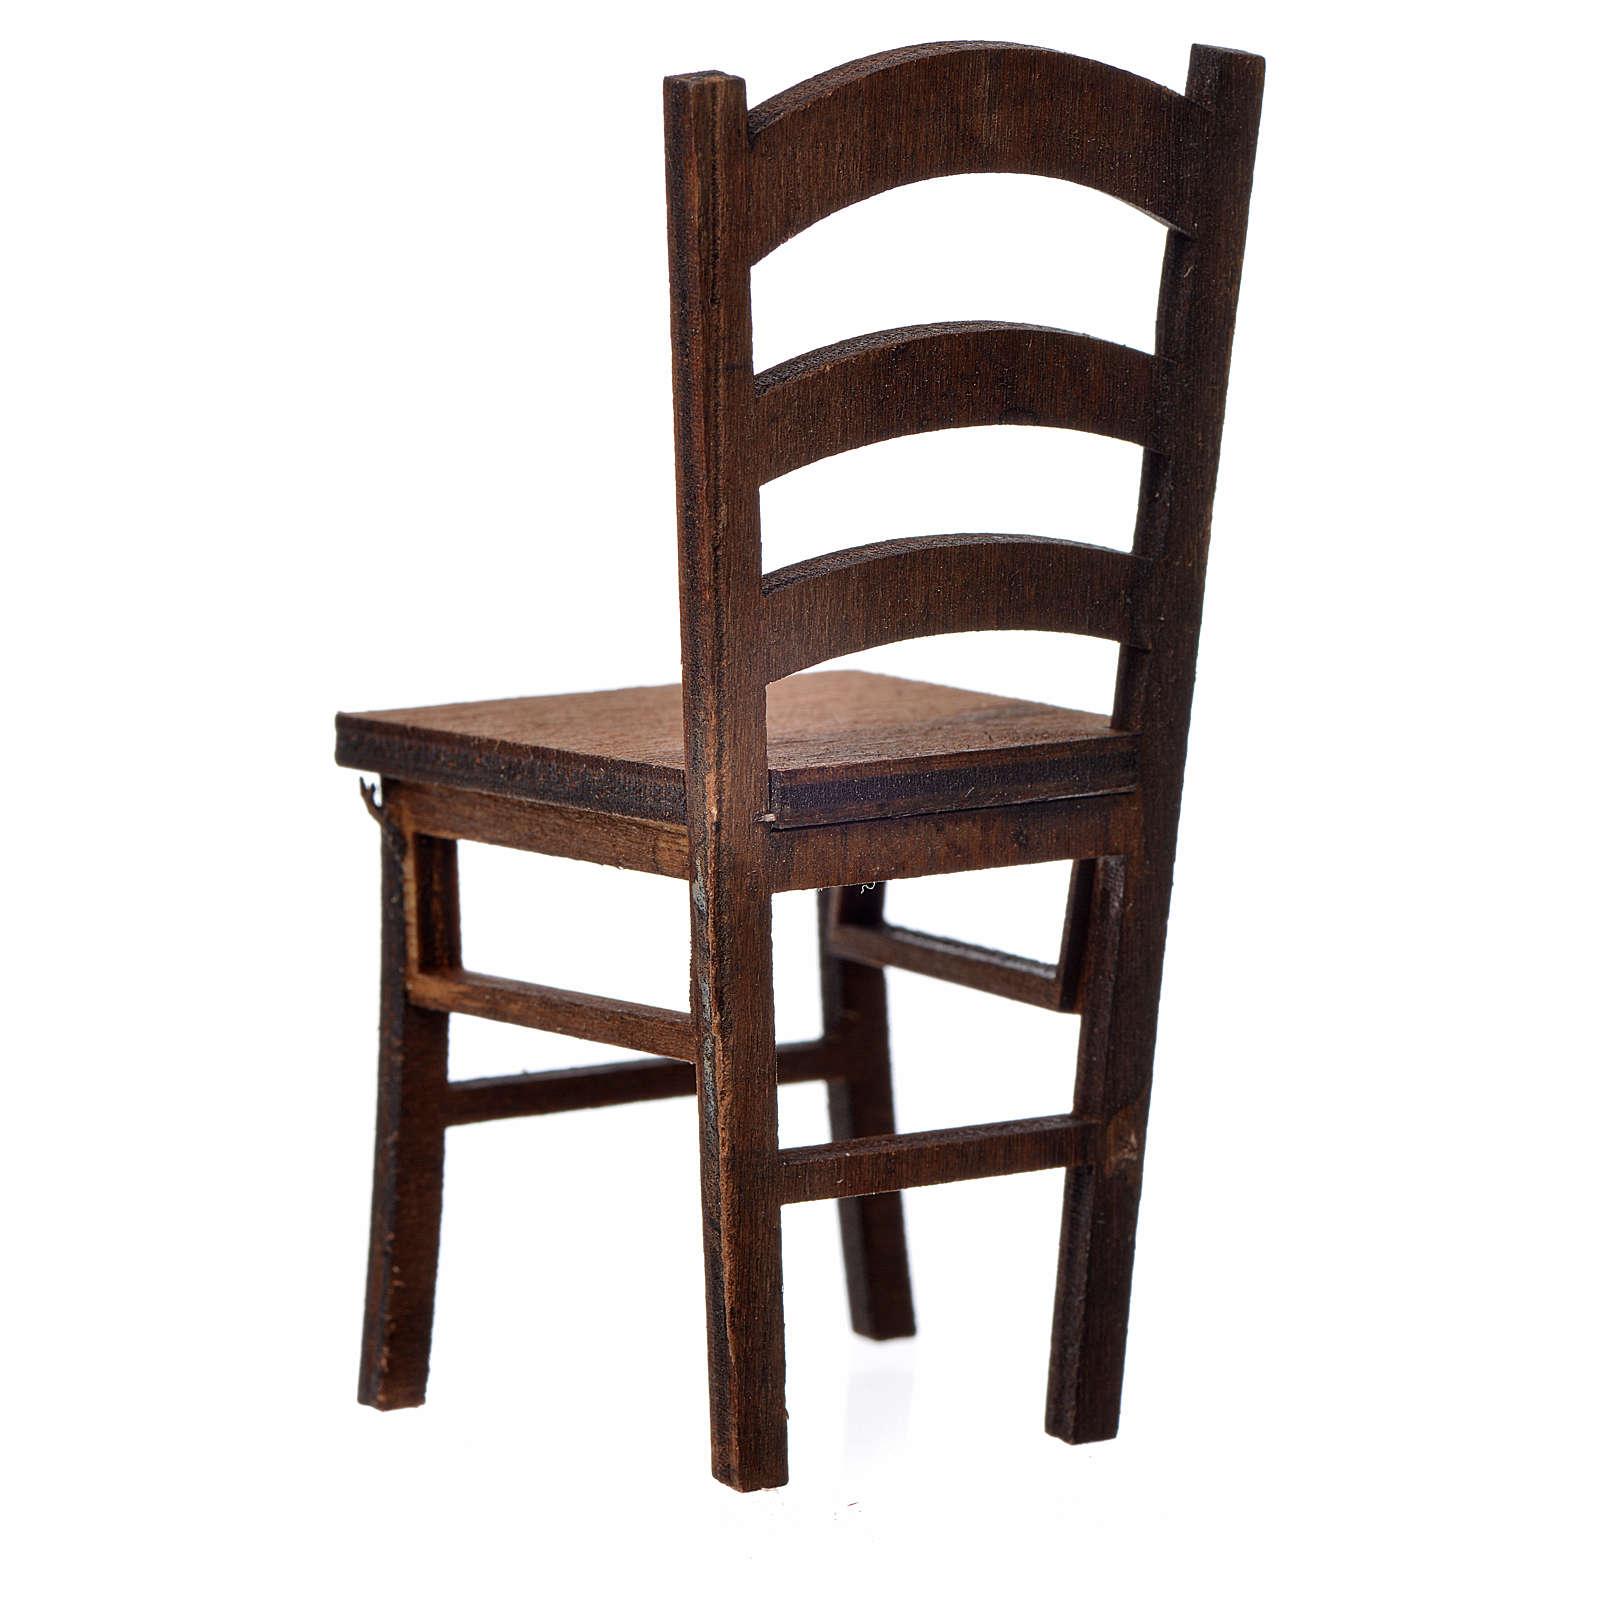 Krzesło drewno szopka 7.5x3.5x3.5 4